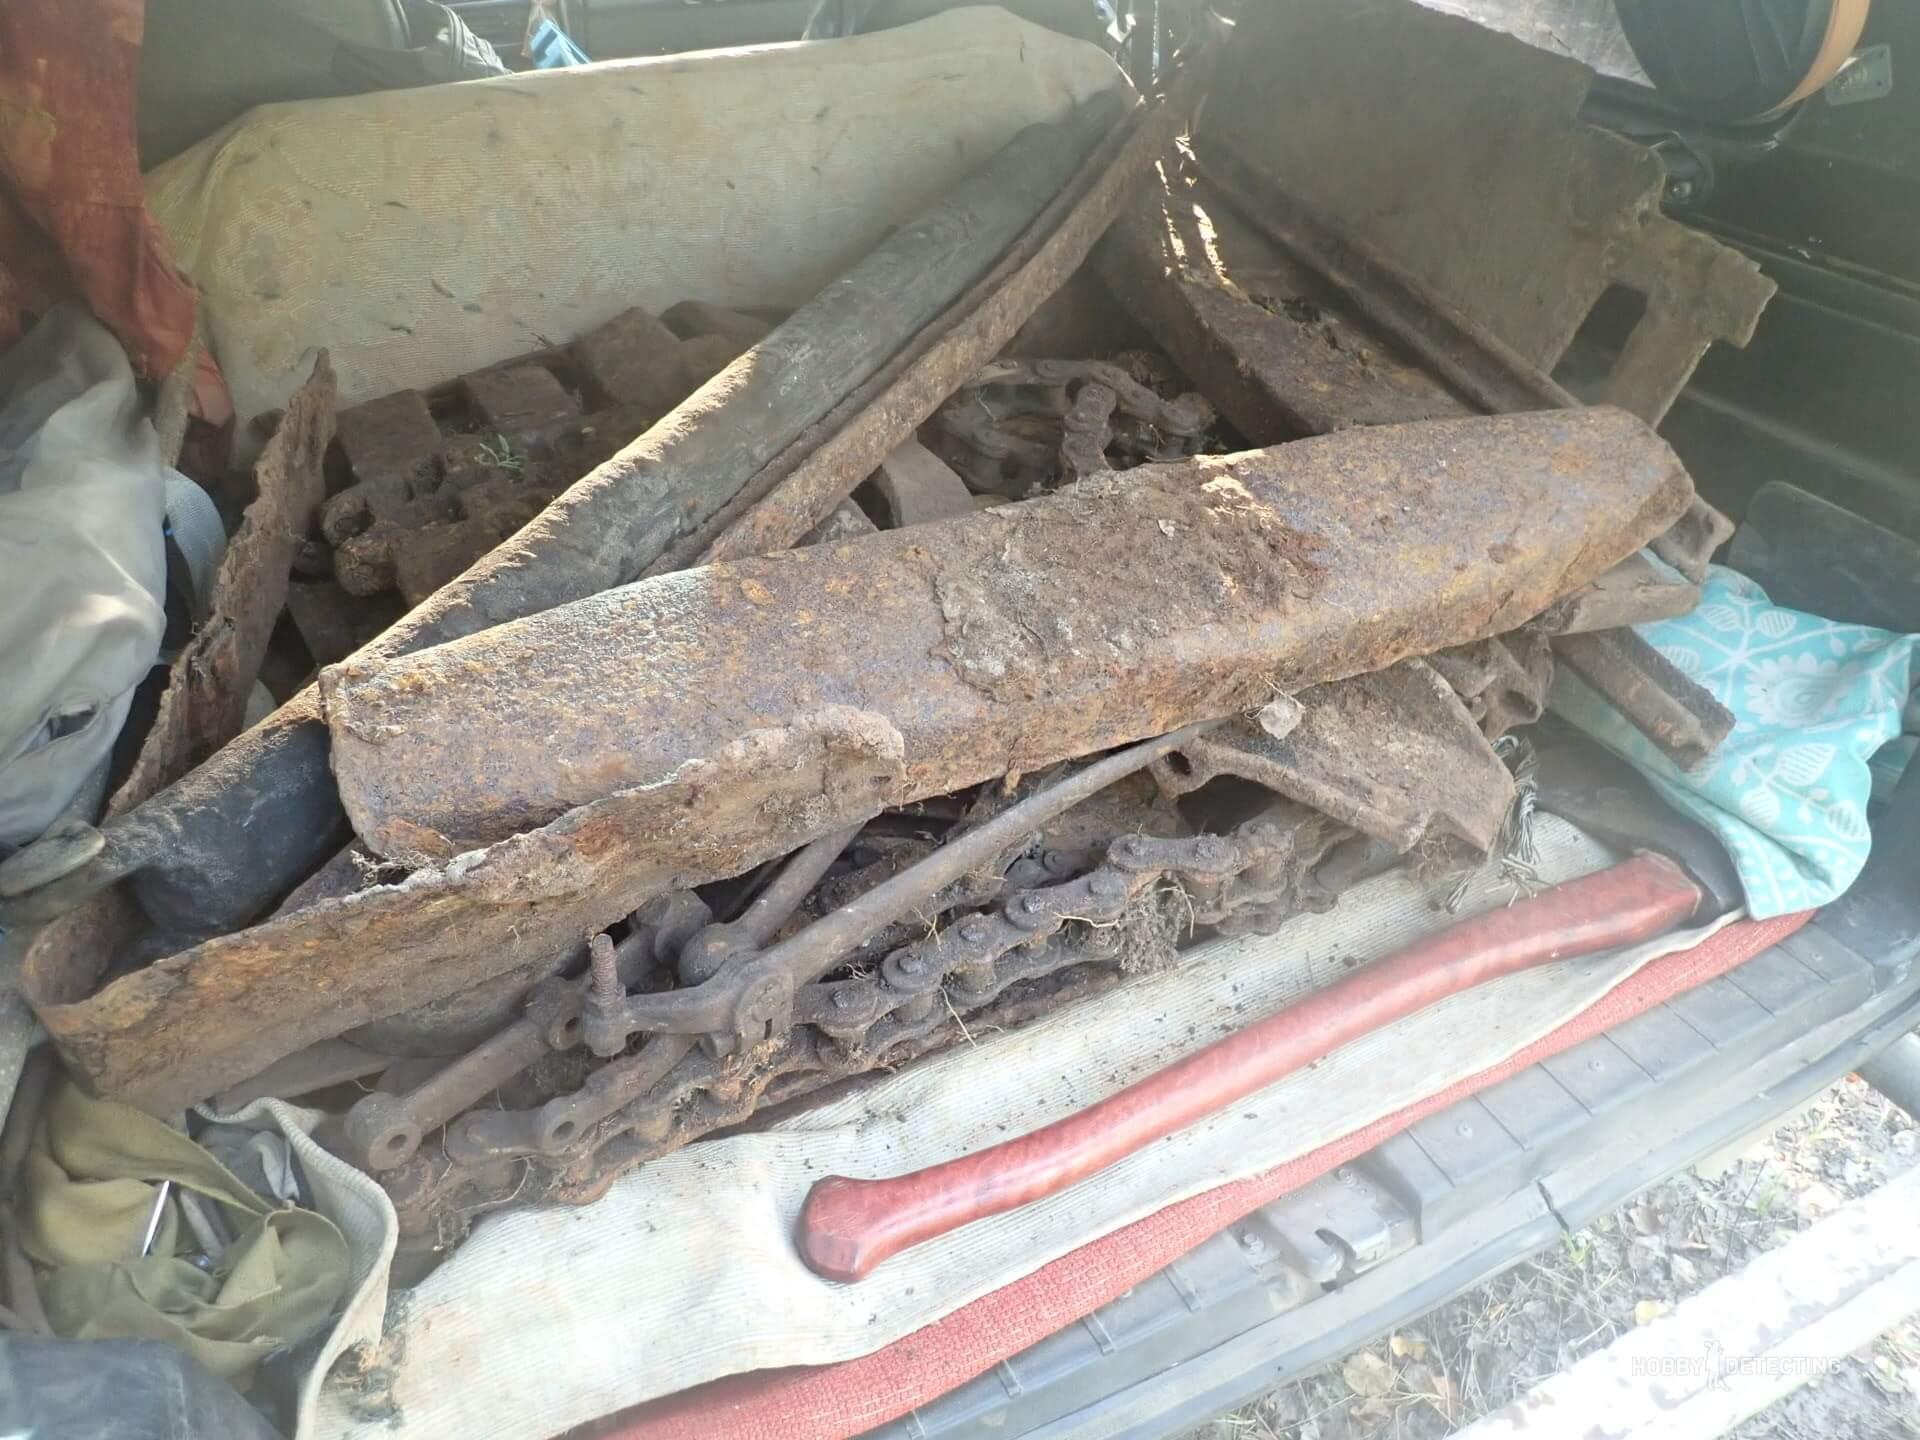 Металлолом который мы копаем, чей он, по закону???